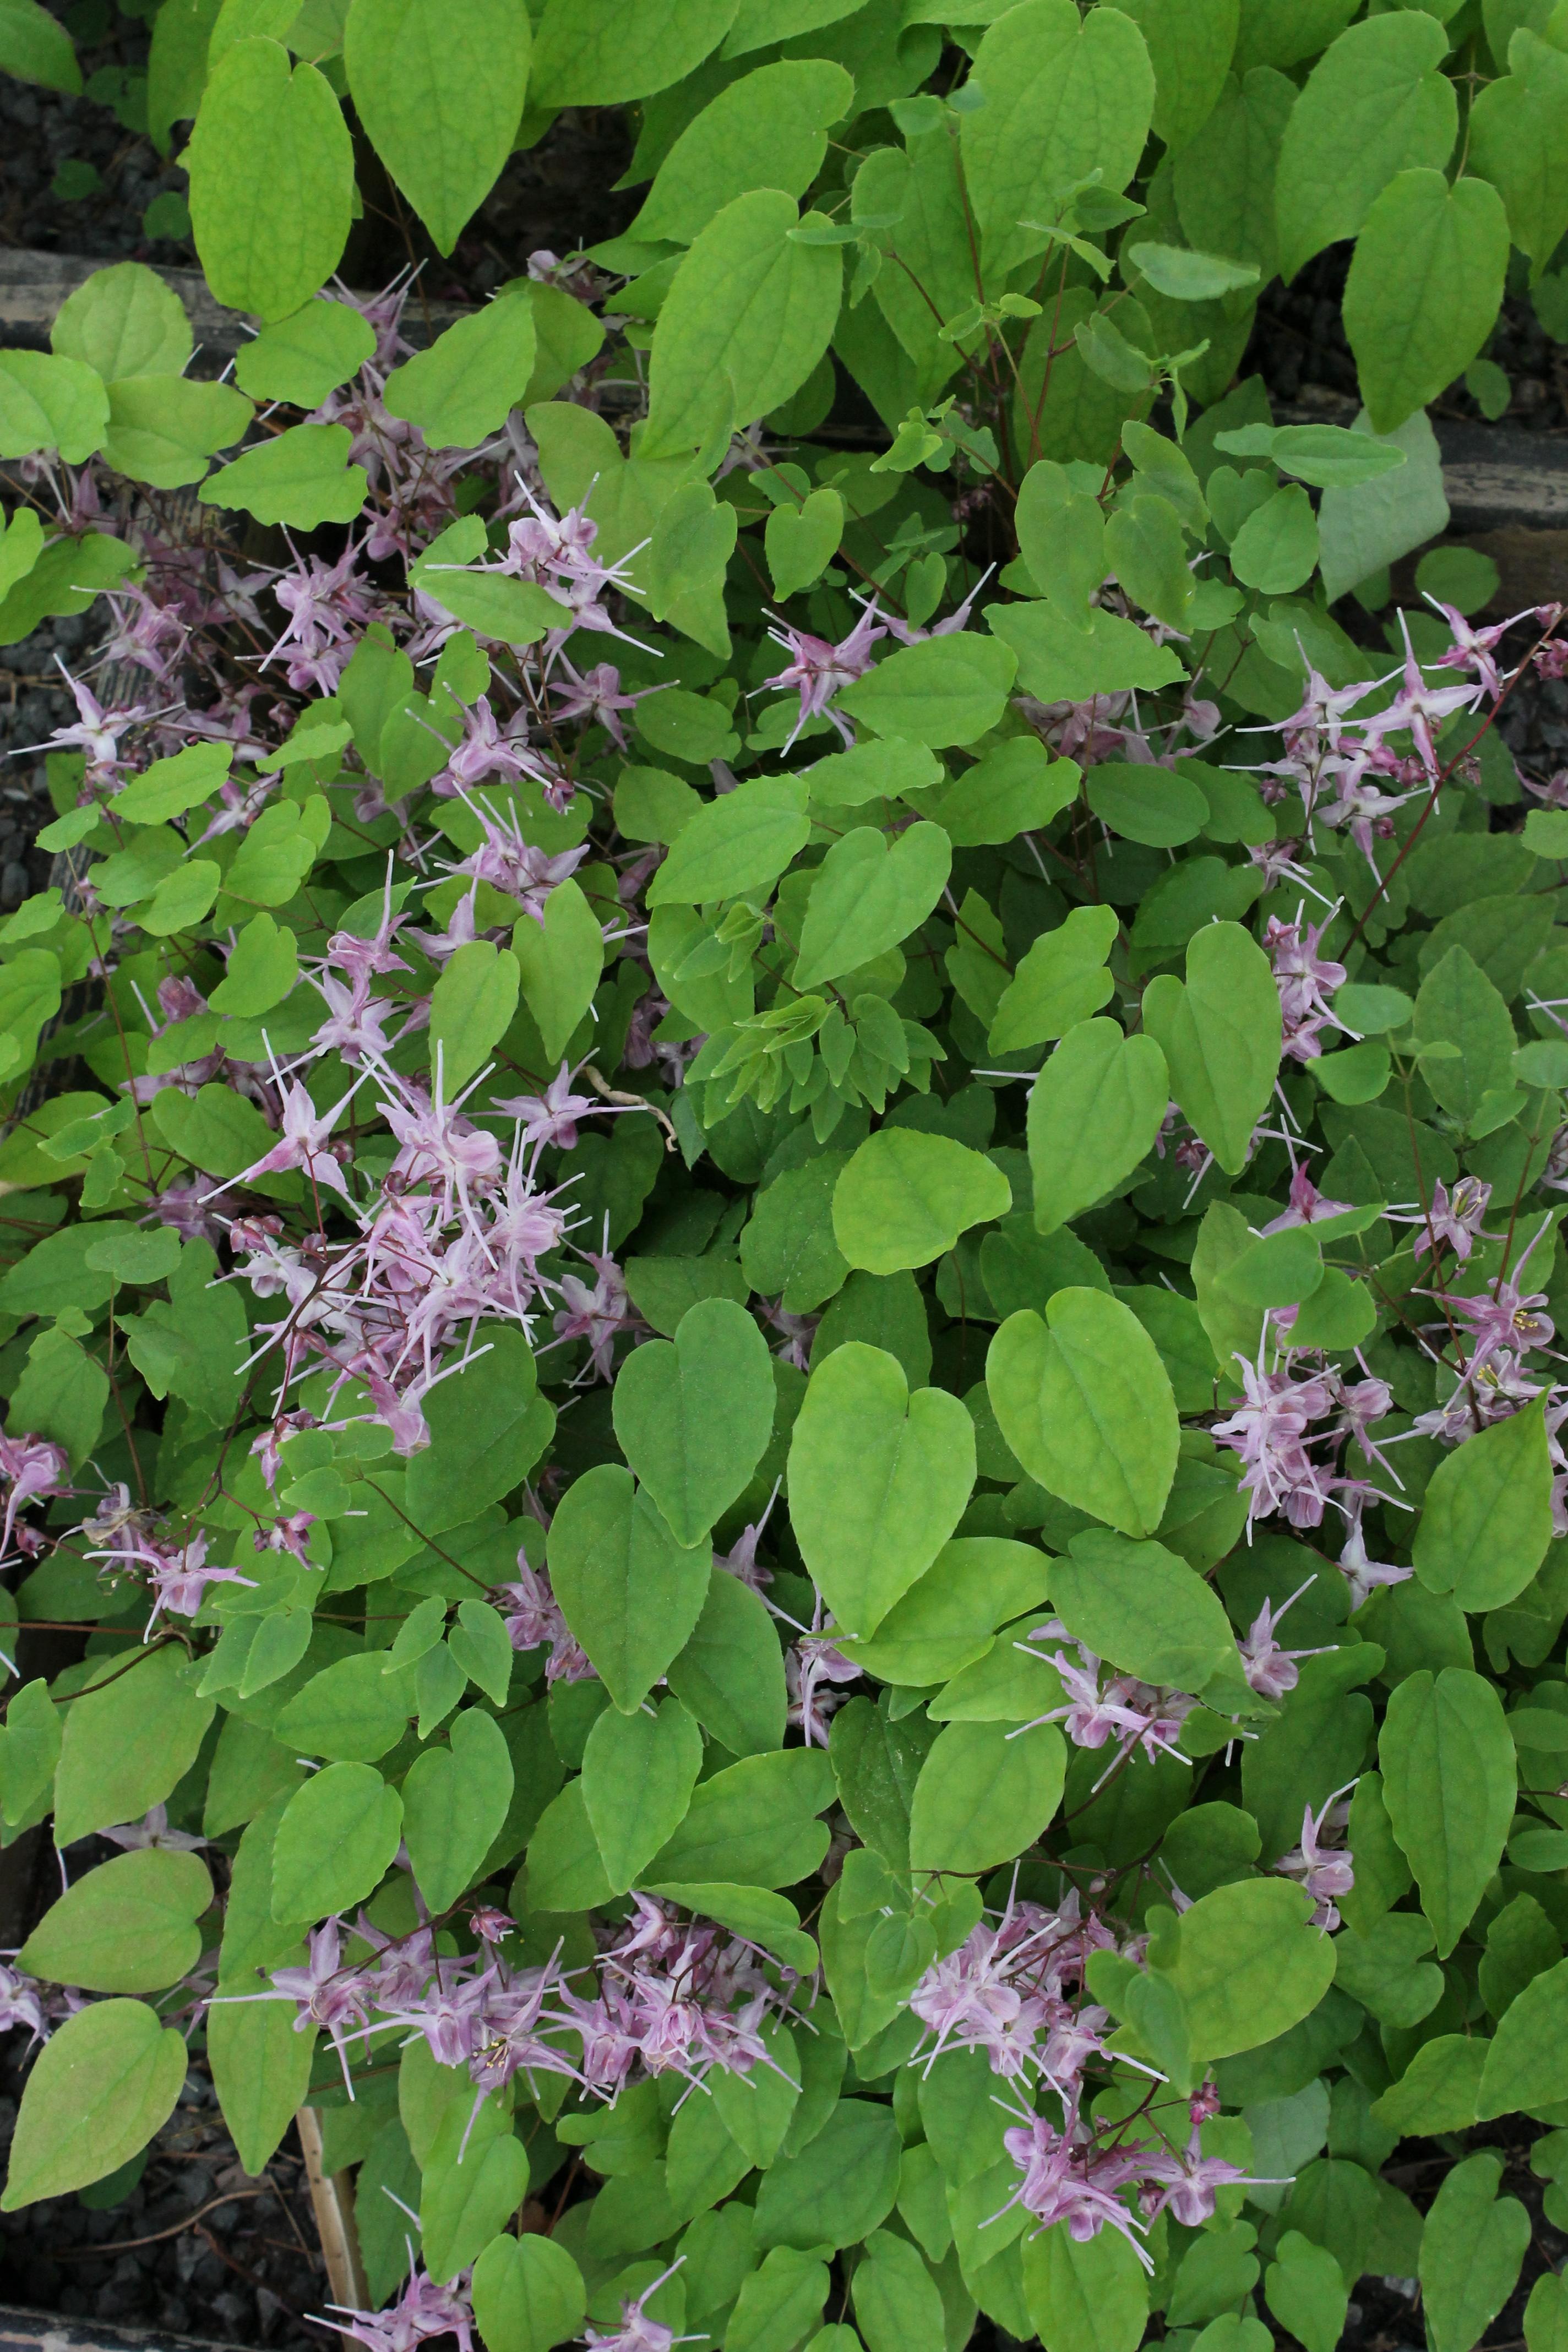 Epimedium grandiflorum 'Saxton's Purple' @ JLBG; deciduous